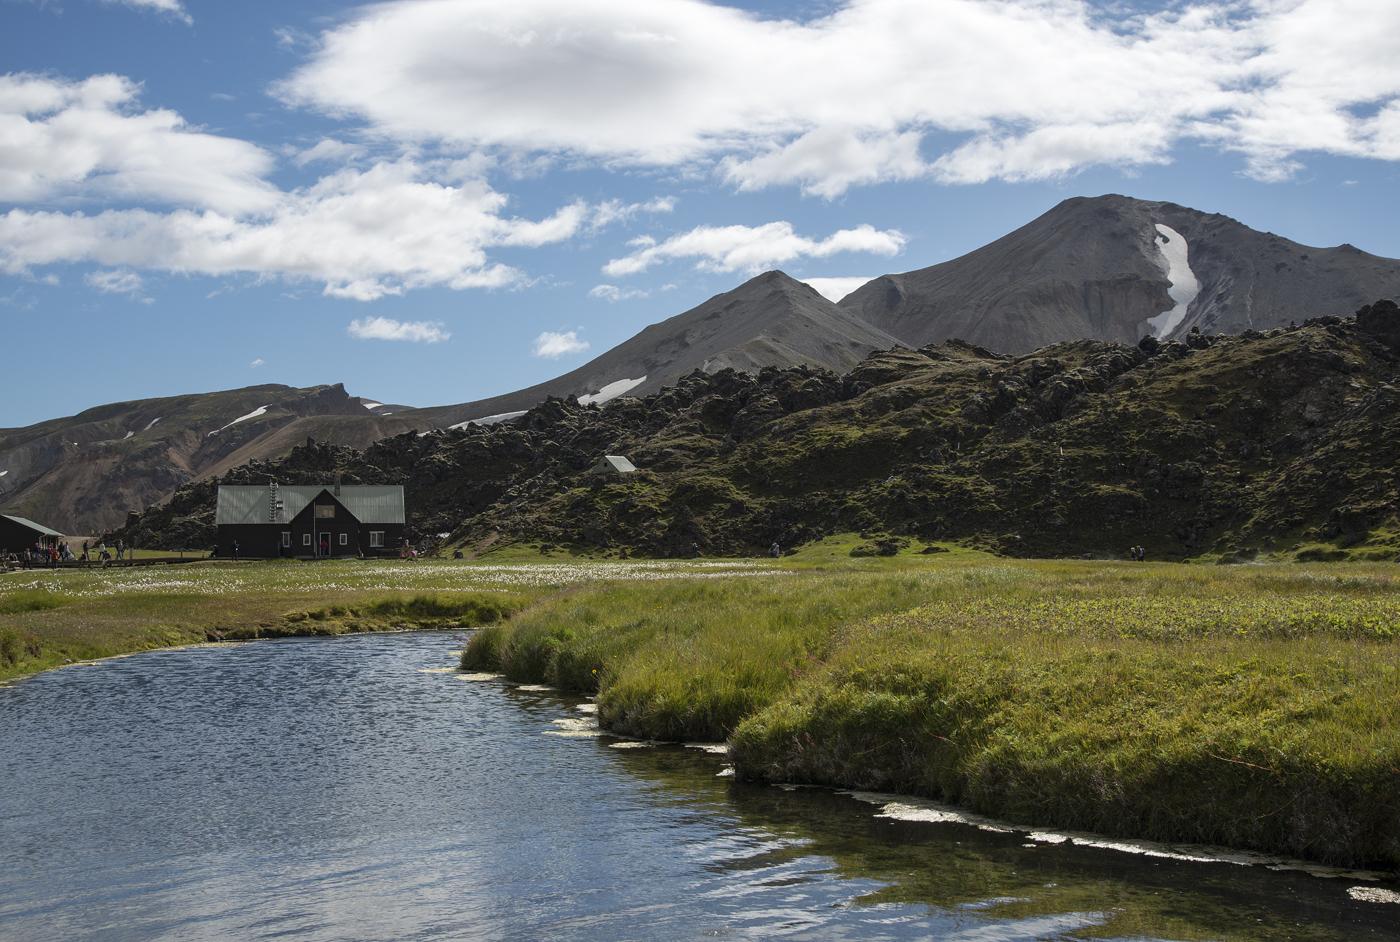 兰德曼纳劳卡内陆高地+赫克拉火山一日游